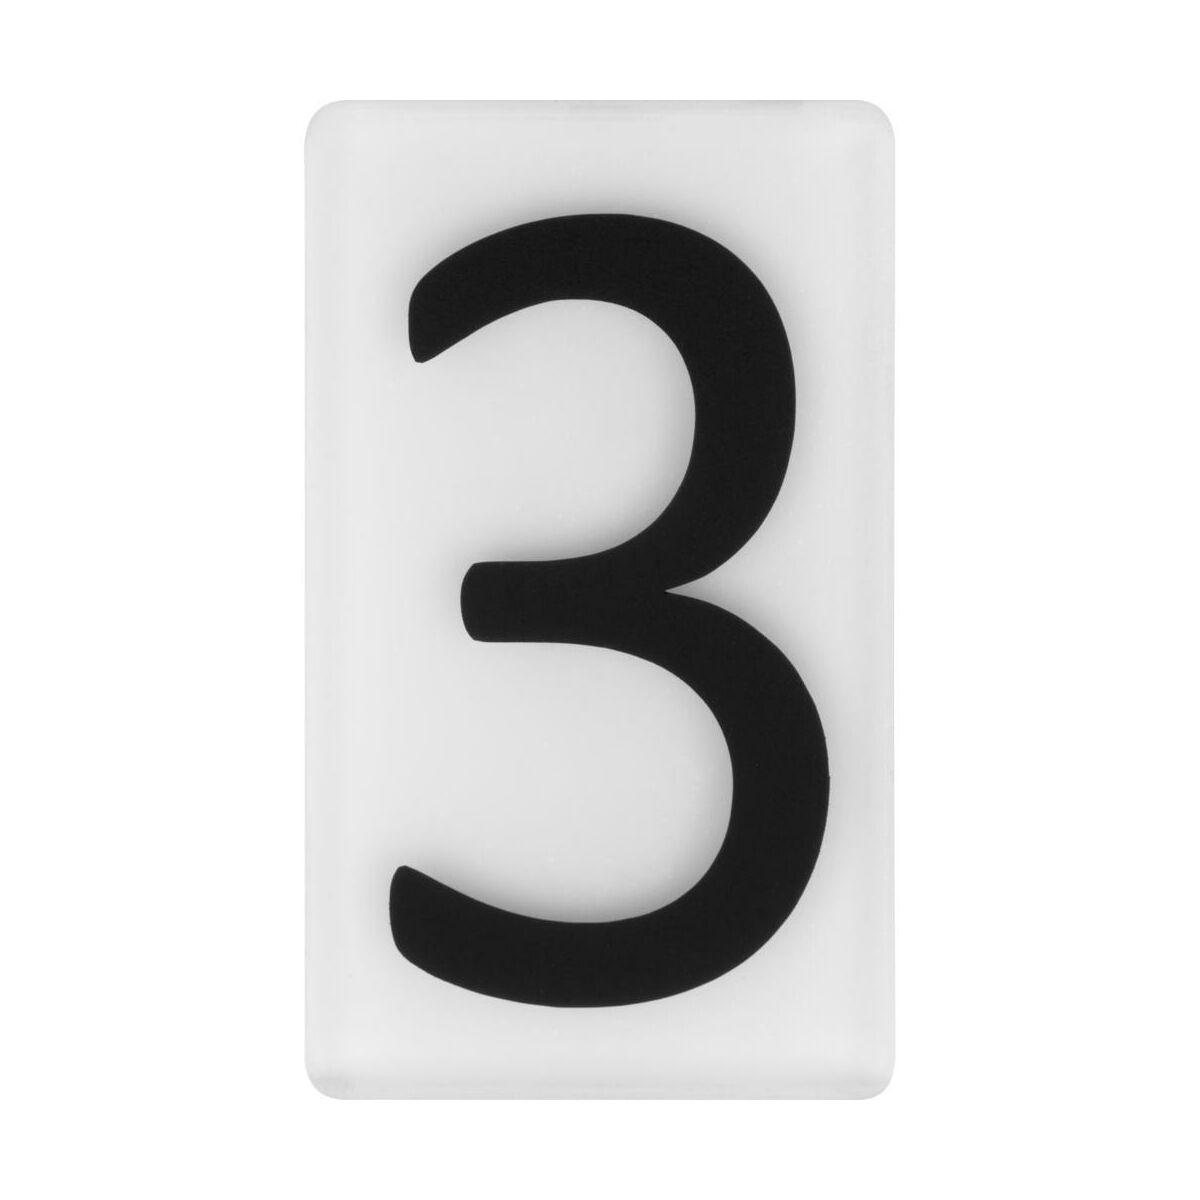 Cyfra 3 Wys 5 Cm Plexi Czarna Na Bialym Tle Numery Na Domy I Drzwi W Atrakcyjnej Cenie W Sklepach Leroy Merlin